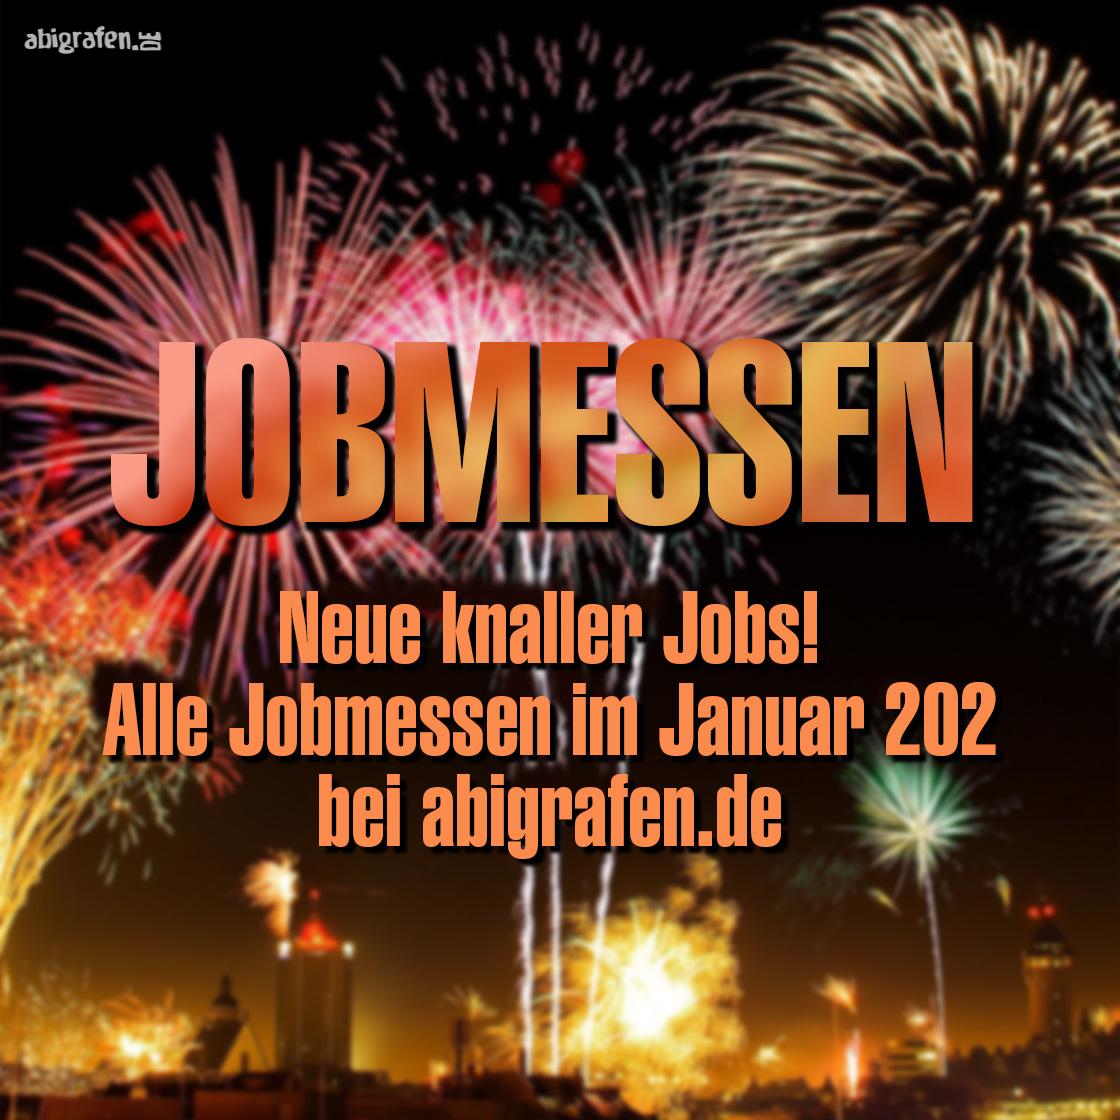 die neusten Jobmessen im Januar 2021 mit abigrafen.de